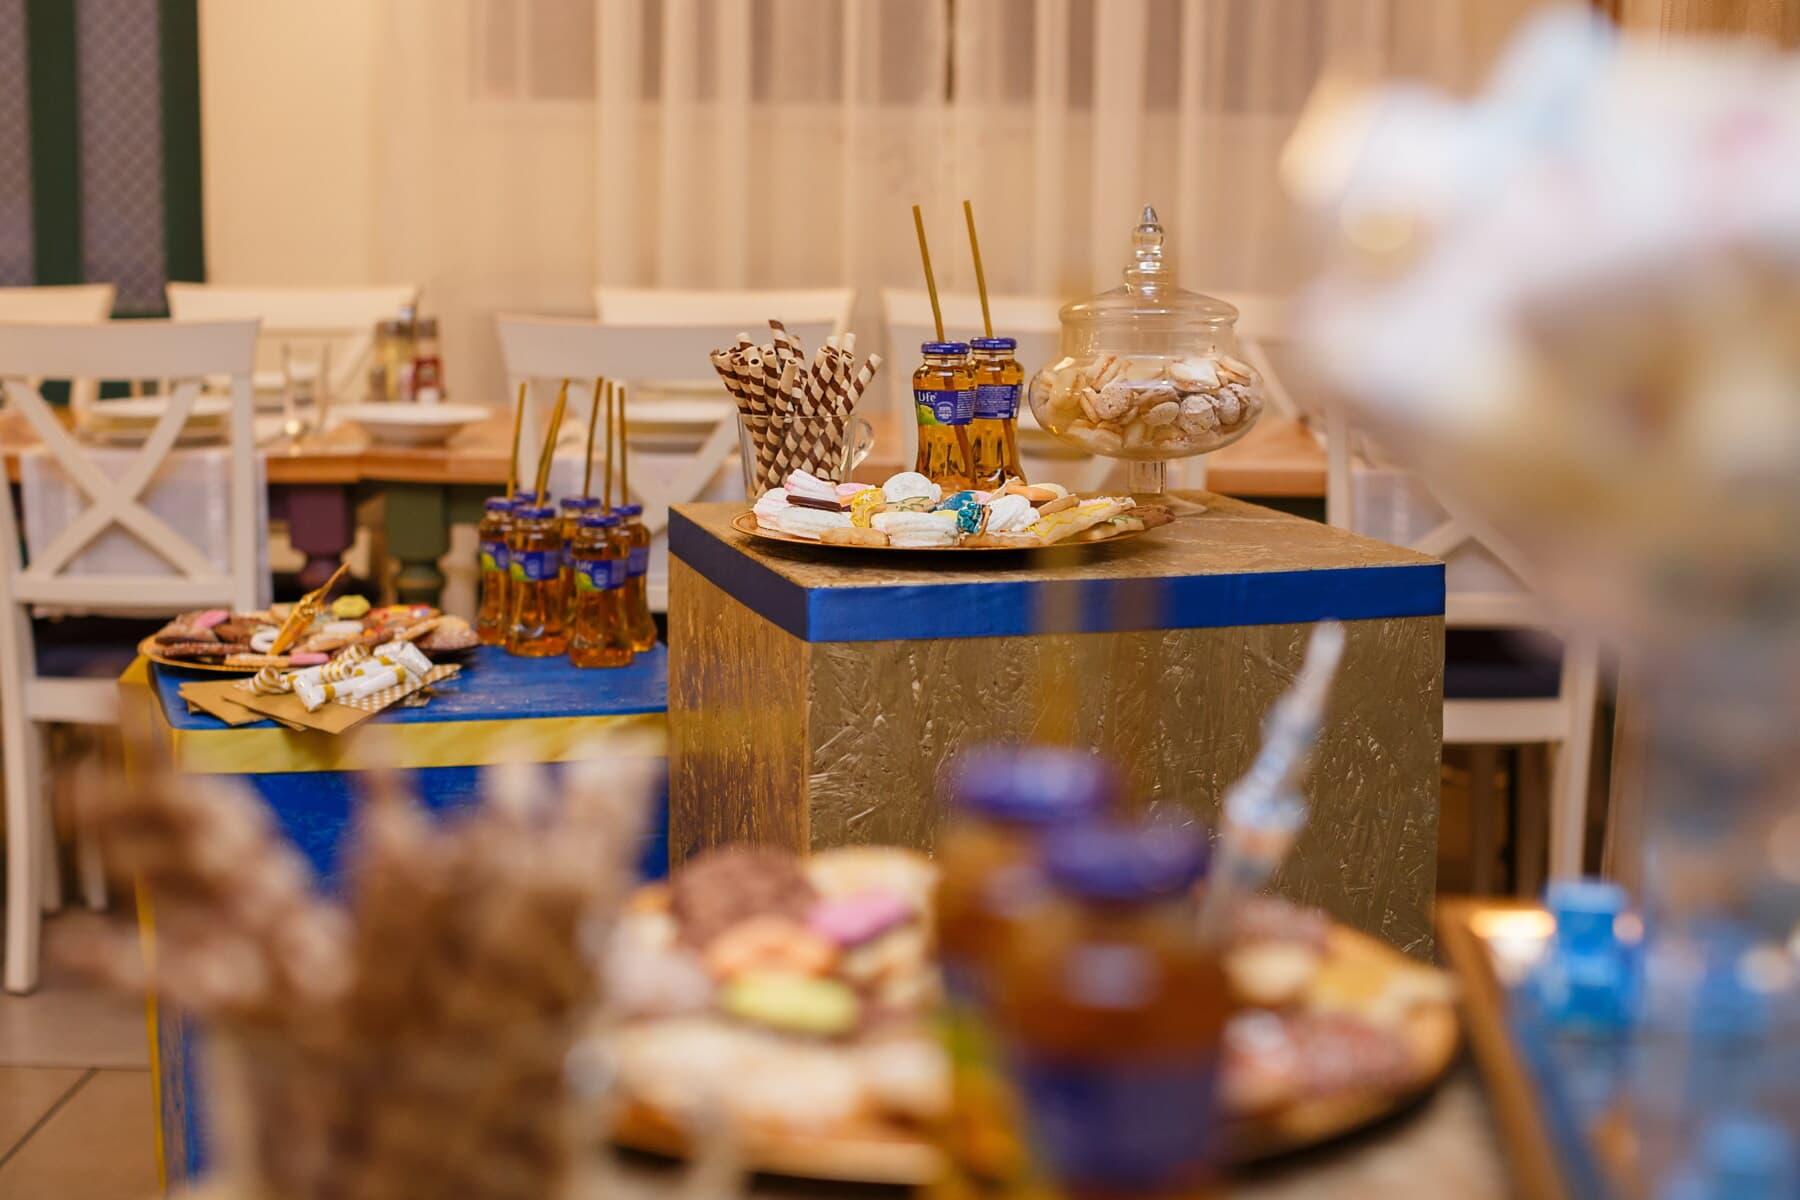 Geburtstag, Partei, kekse, Fruchtsaft, Bankett, Dekoration, drinnen, Tabelle, Interieur-design, Essen